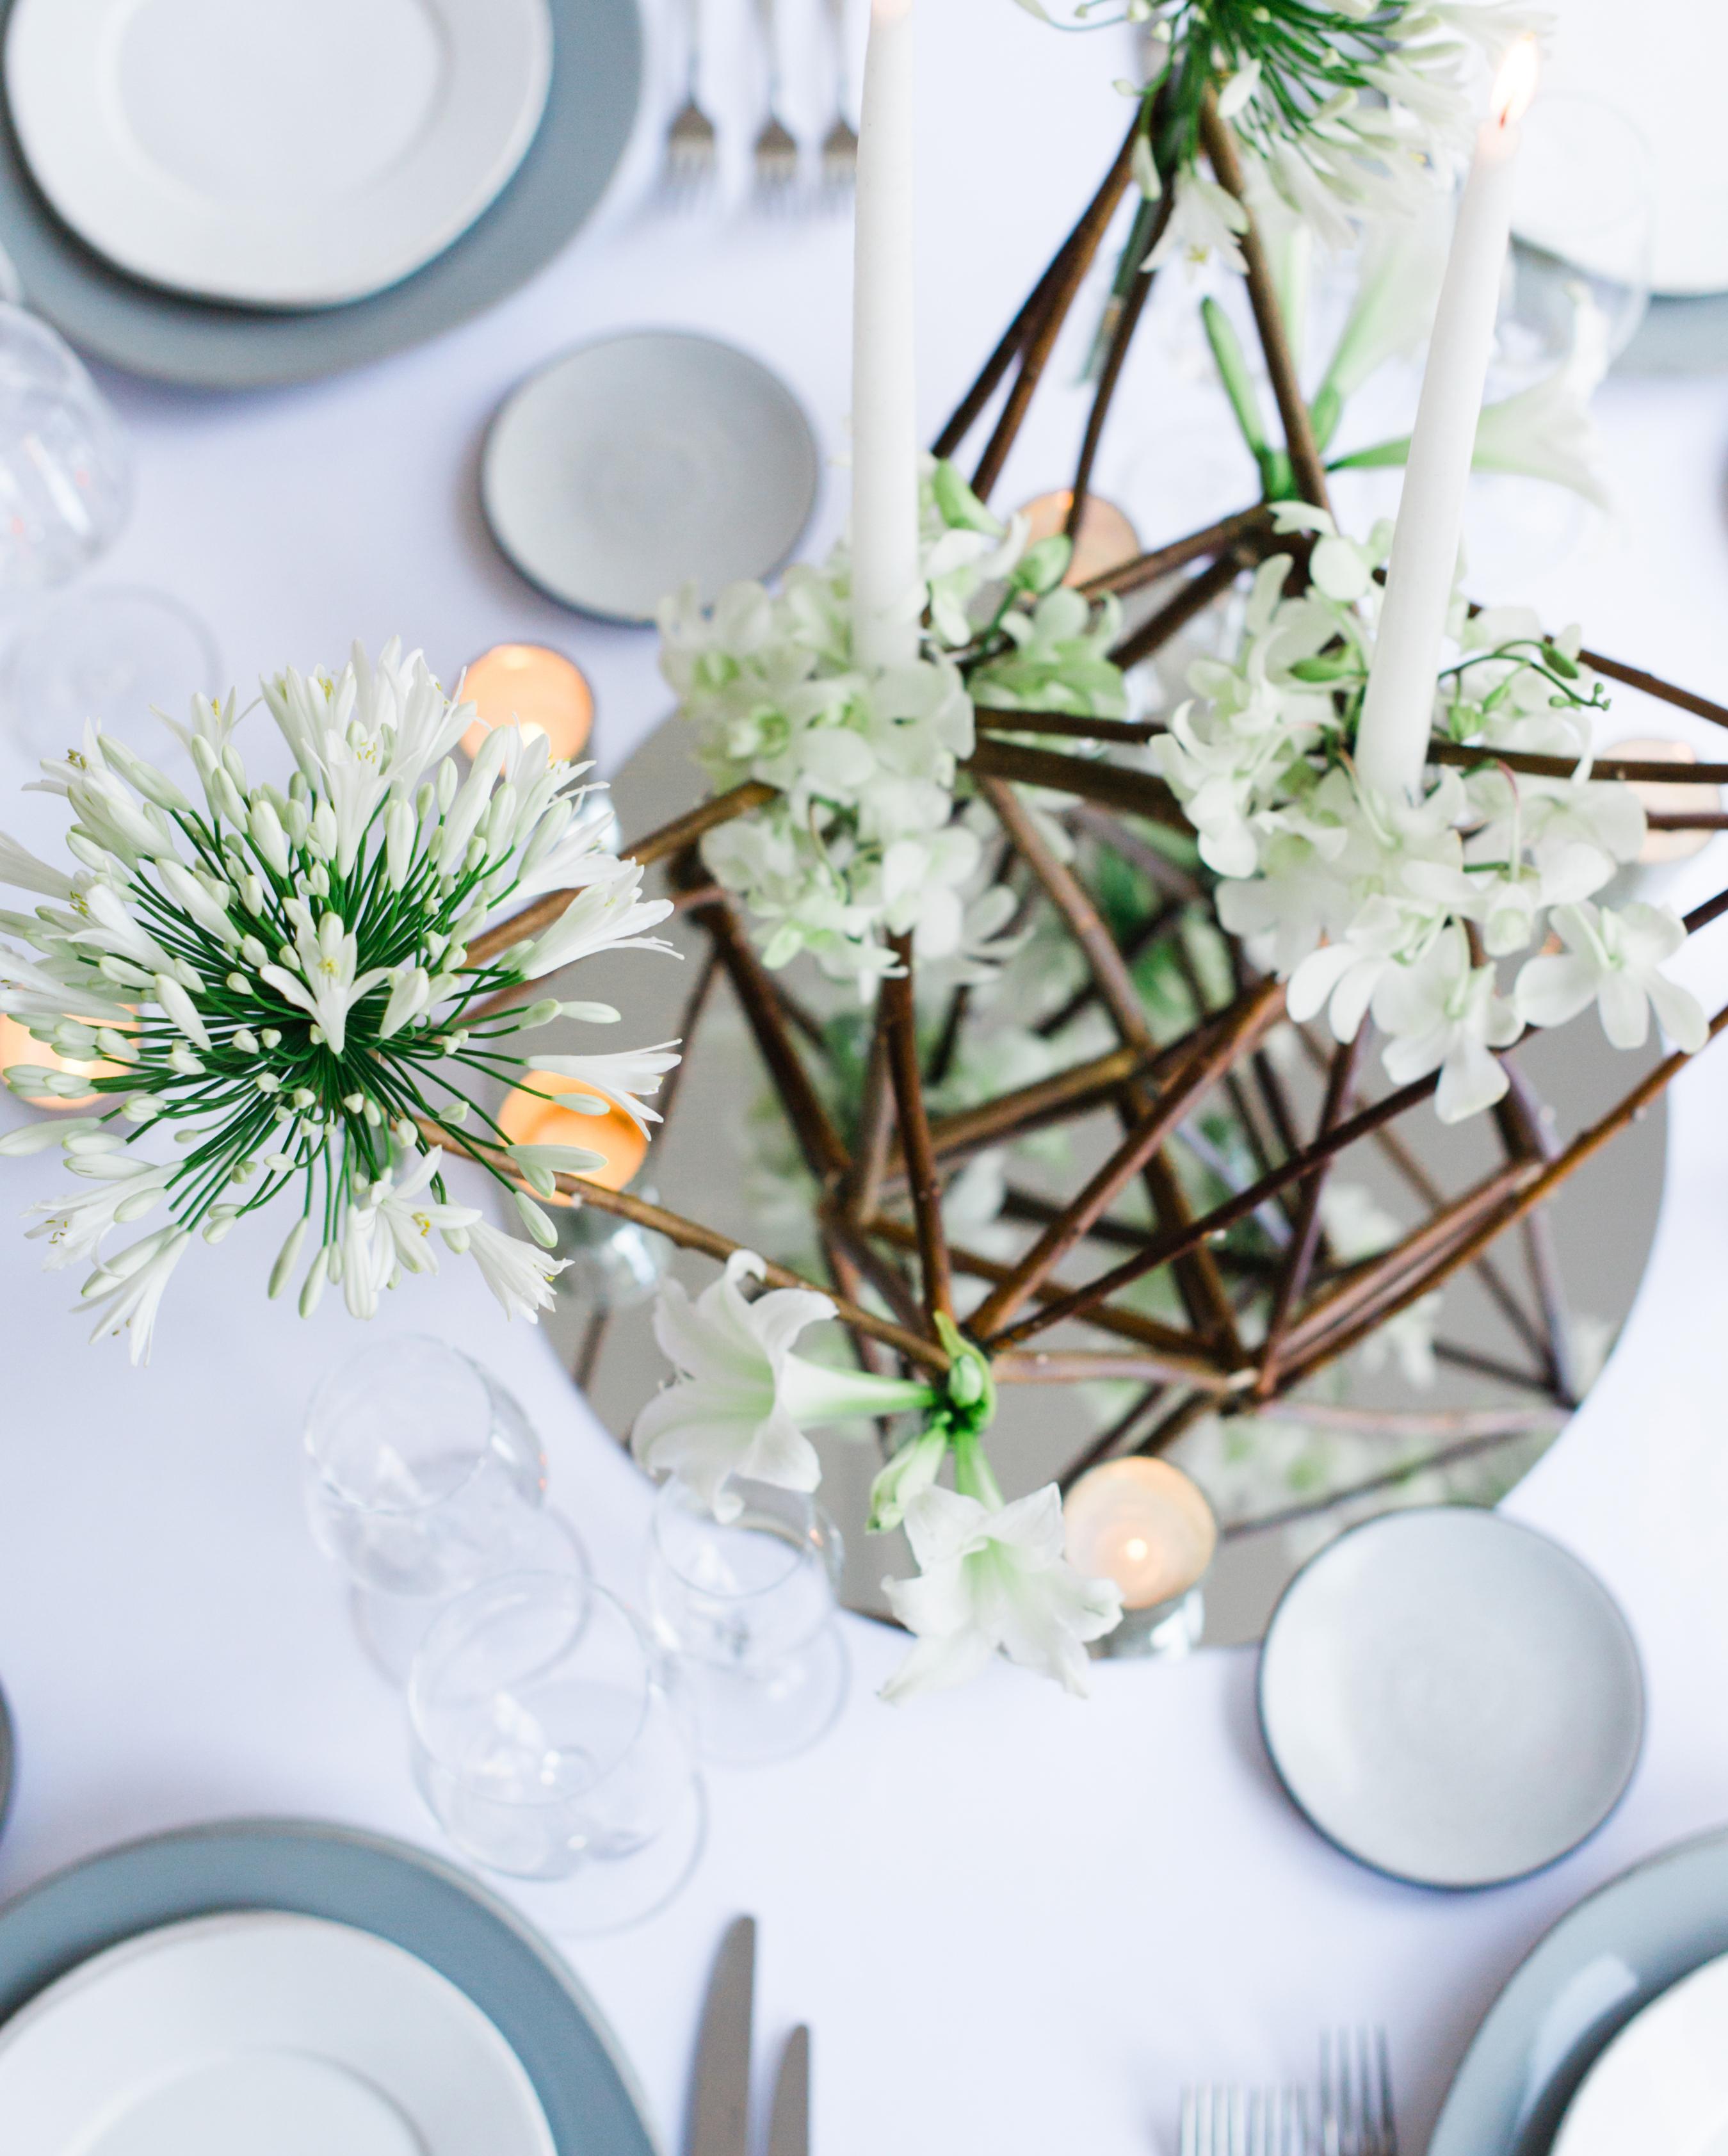 amy-sheldon-wedding-table-00012-s112088-0815.jpg